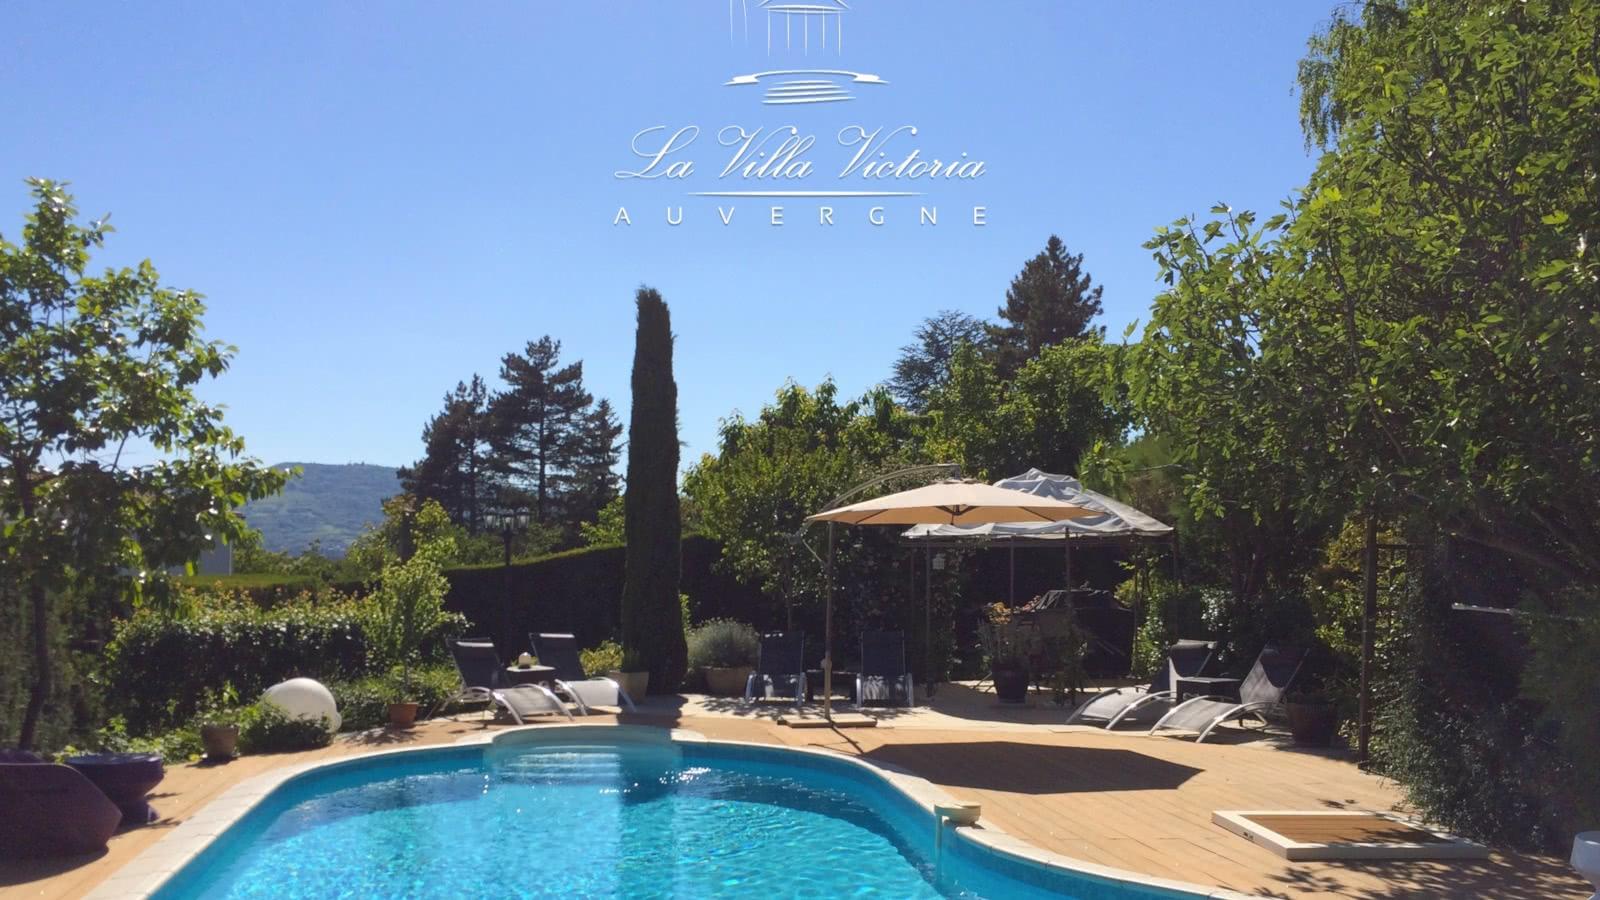 La Villa Victoria Auvergne - Clermont Auvergne Tourisme intérieur Piscine De Cournon